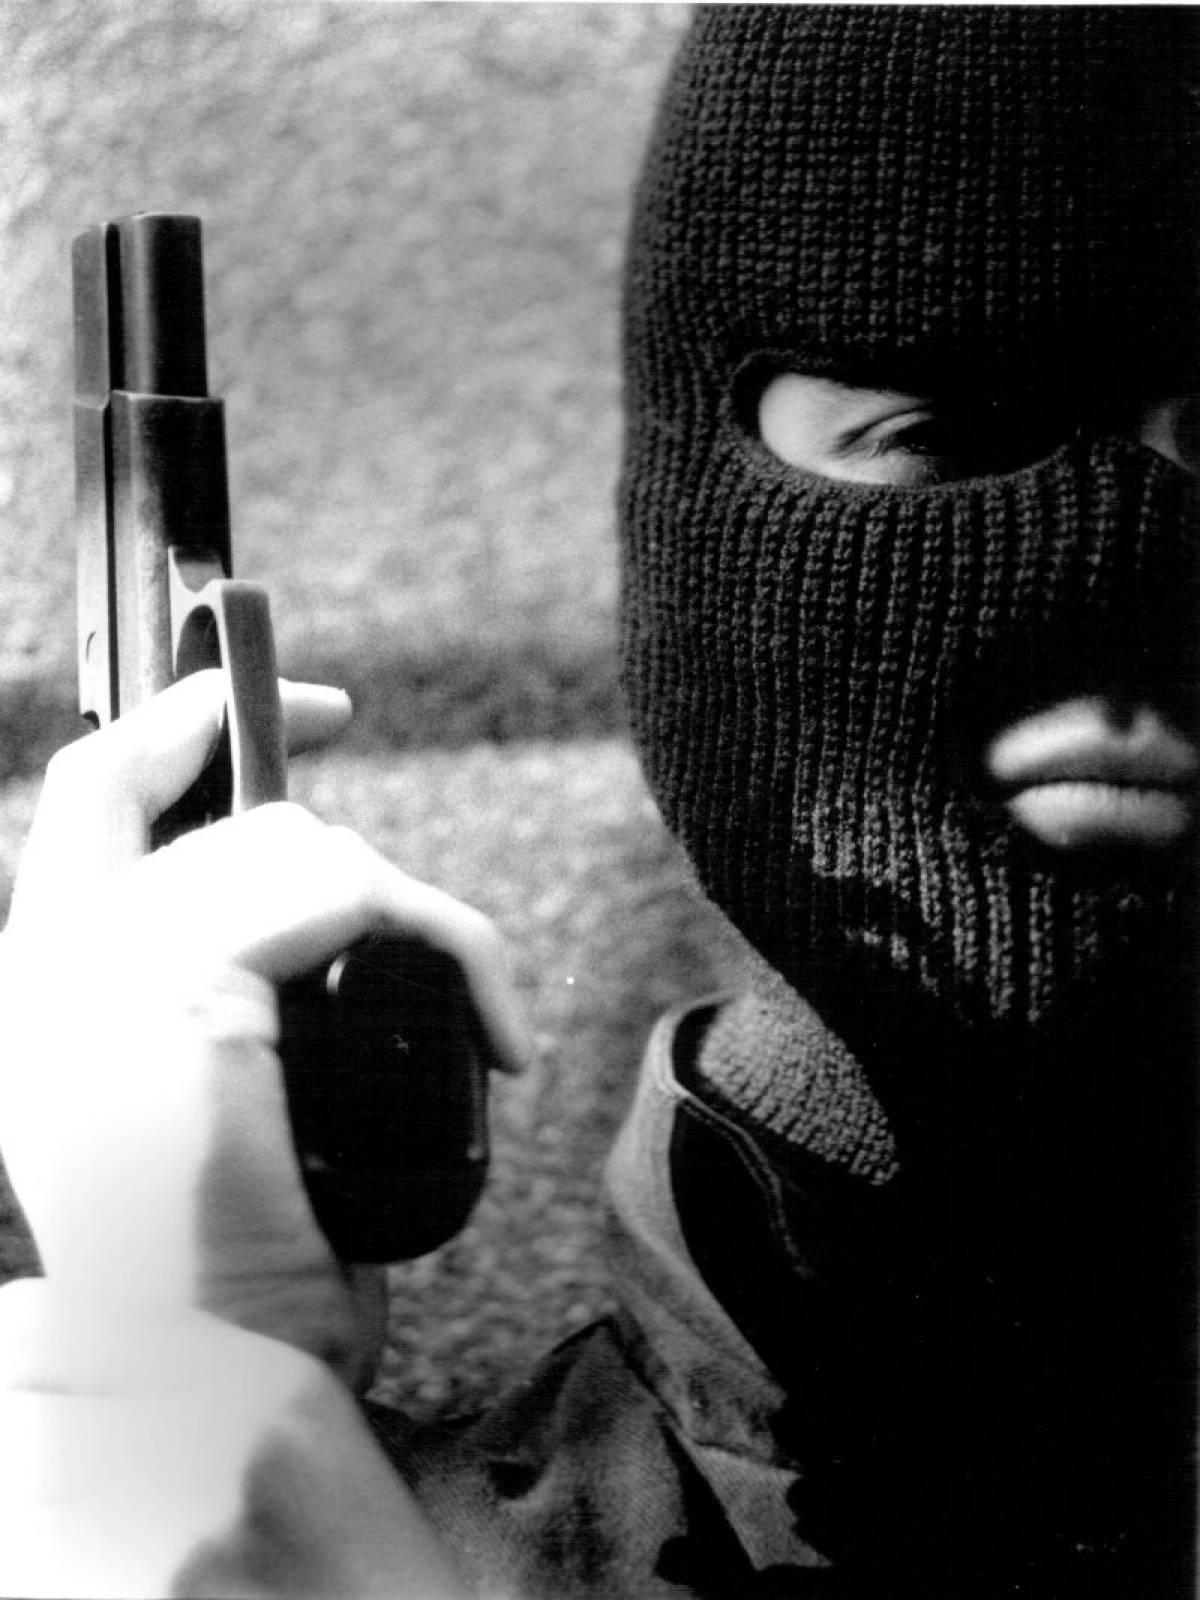 Caixa e HSBC são multados em R$ 1,5 mi por falta de segurança